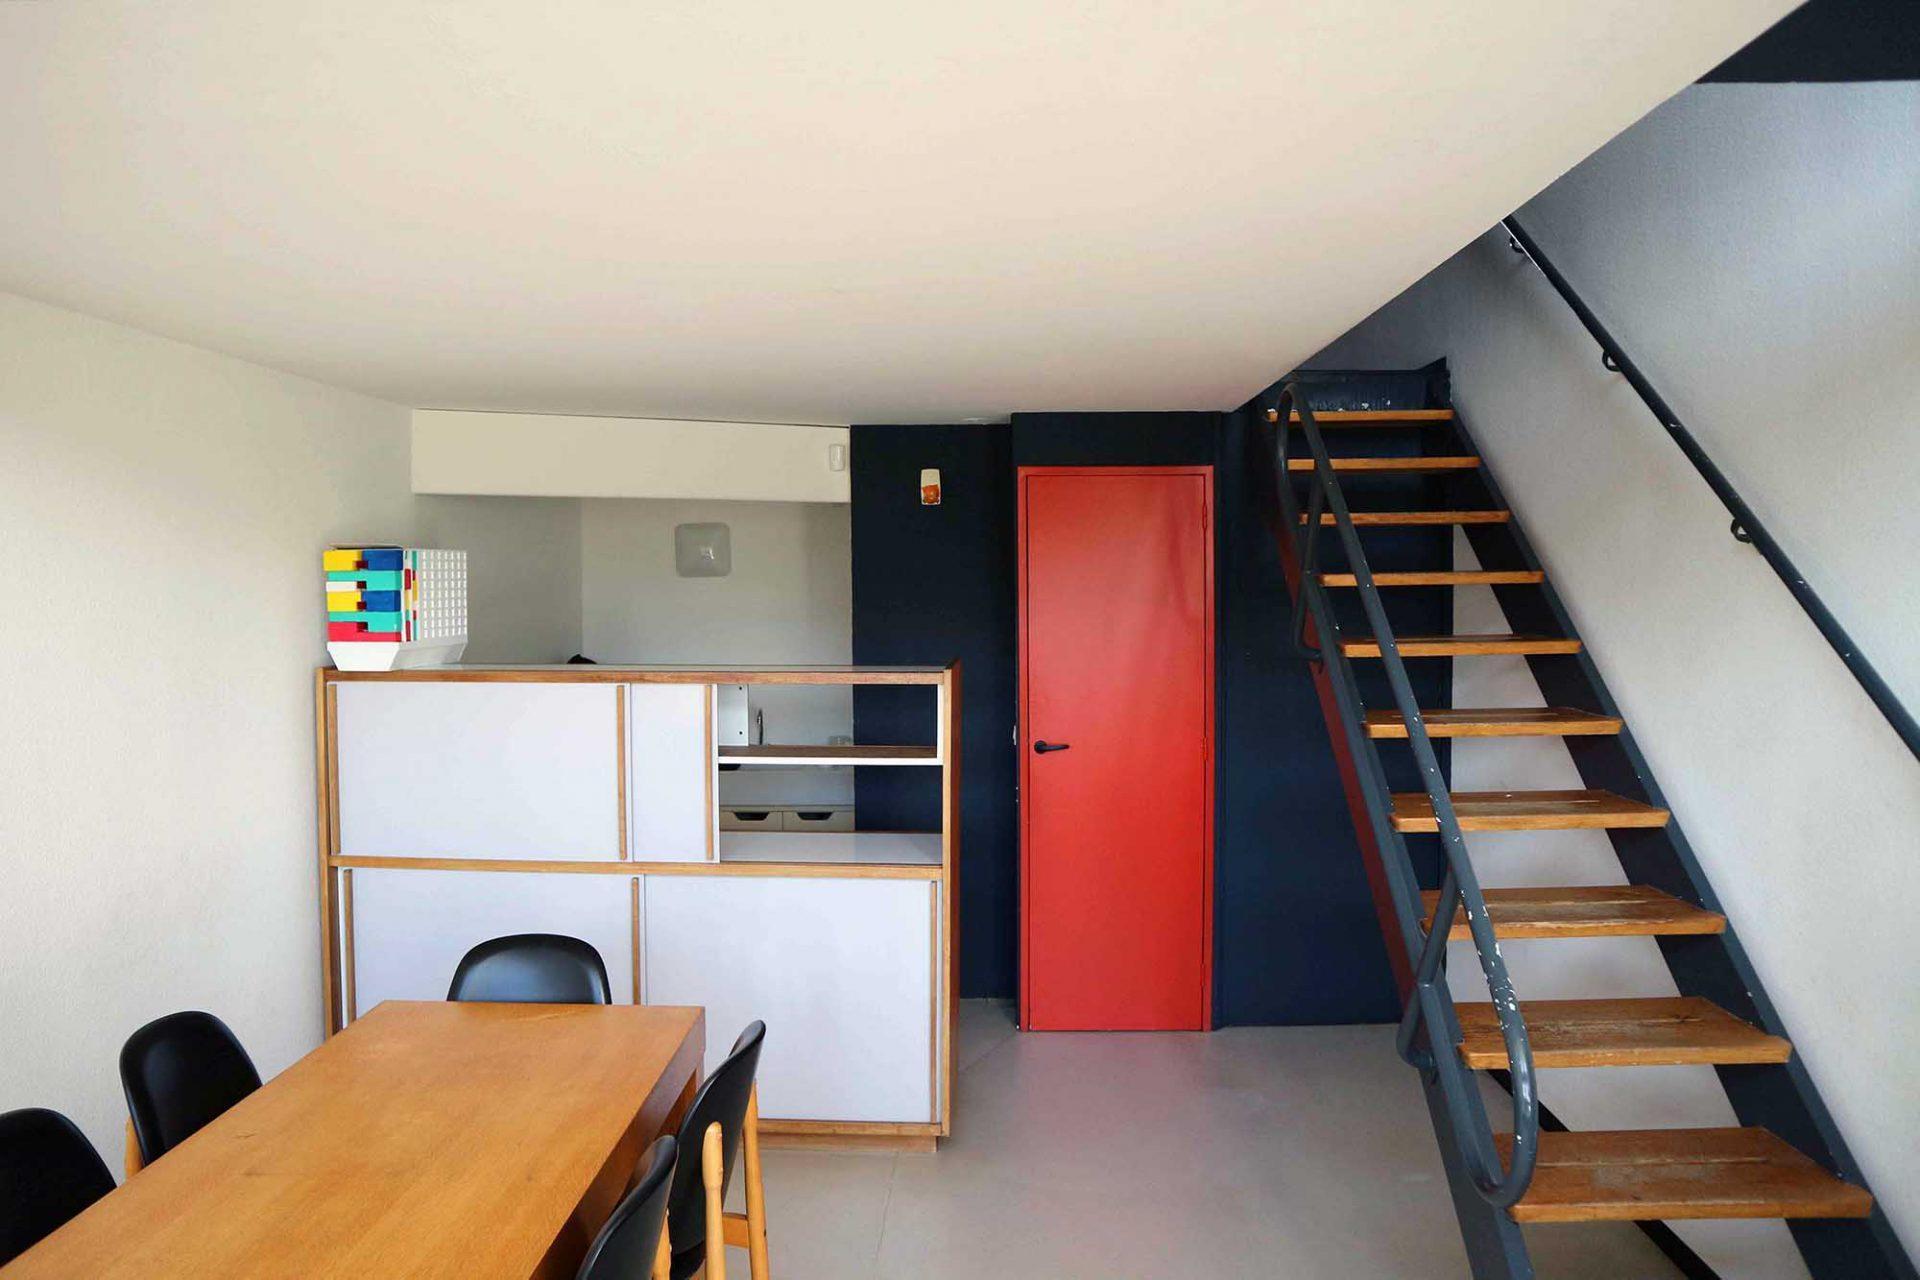 Unité d'Habitation. Die vom Architekten Pierre Guariche und nach Le Corbusiers Vorgaben gestaltete Musterwohnung.